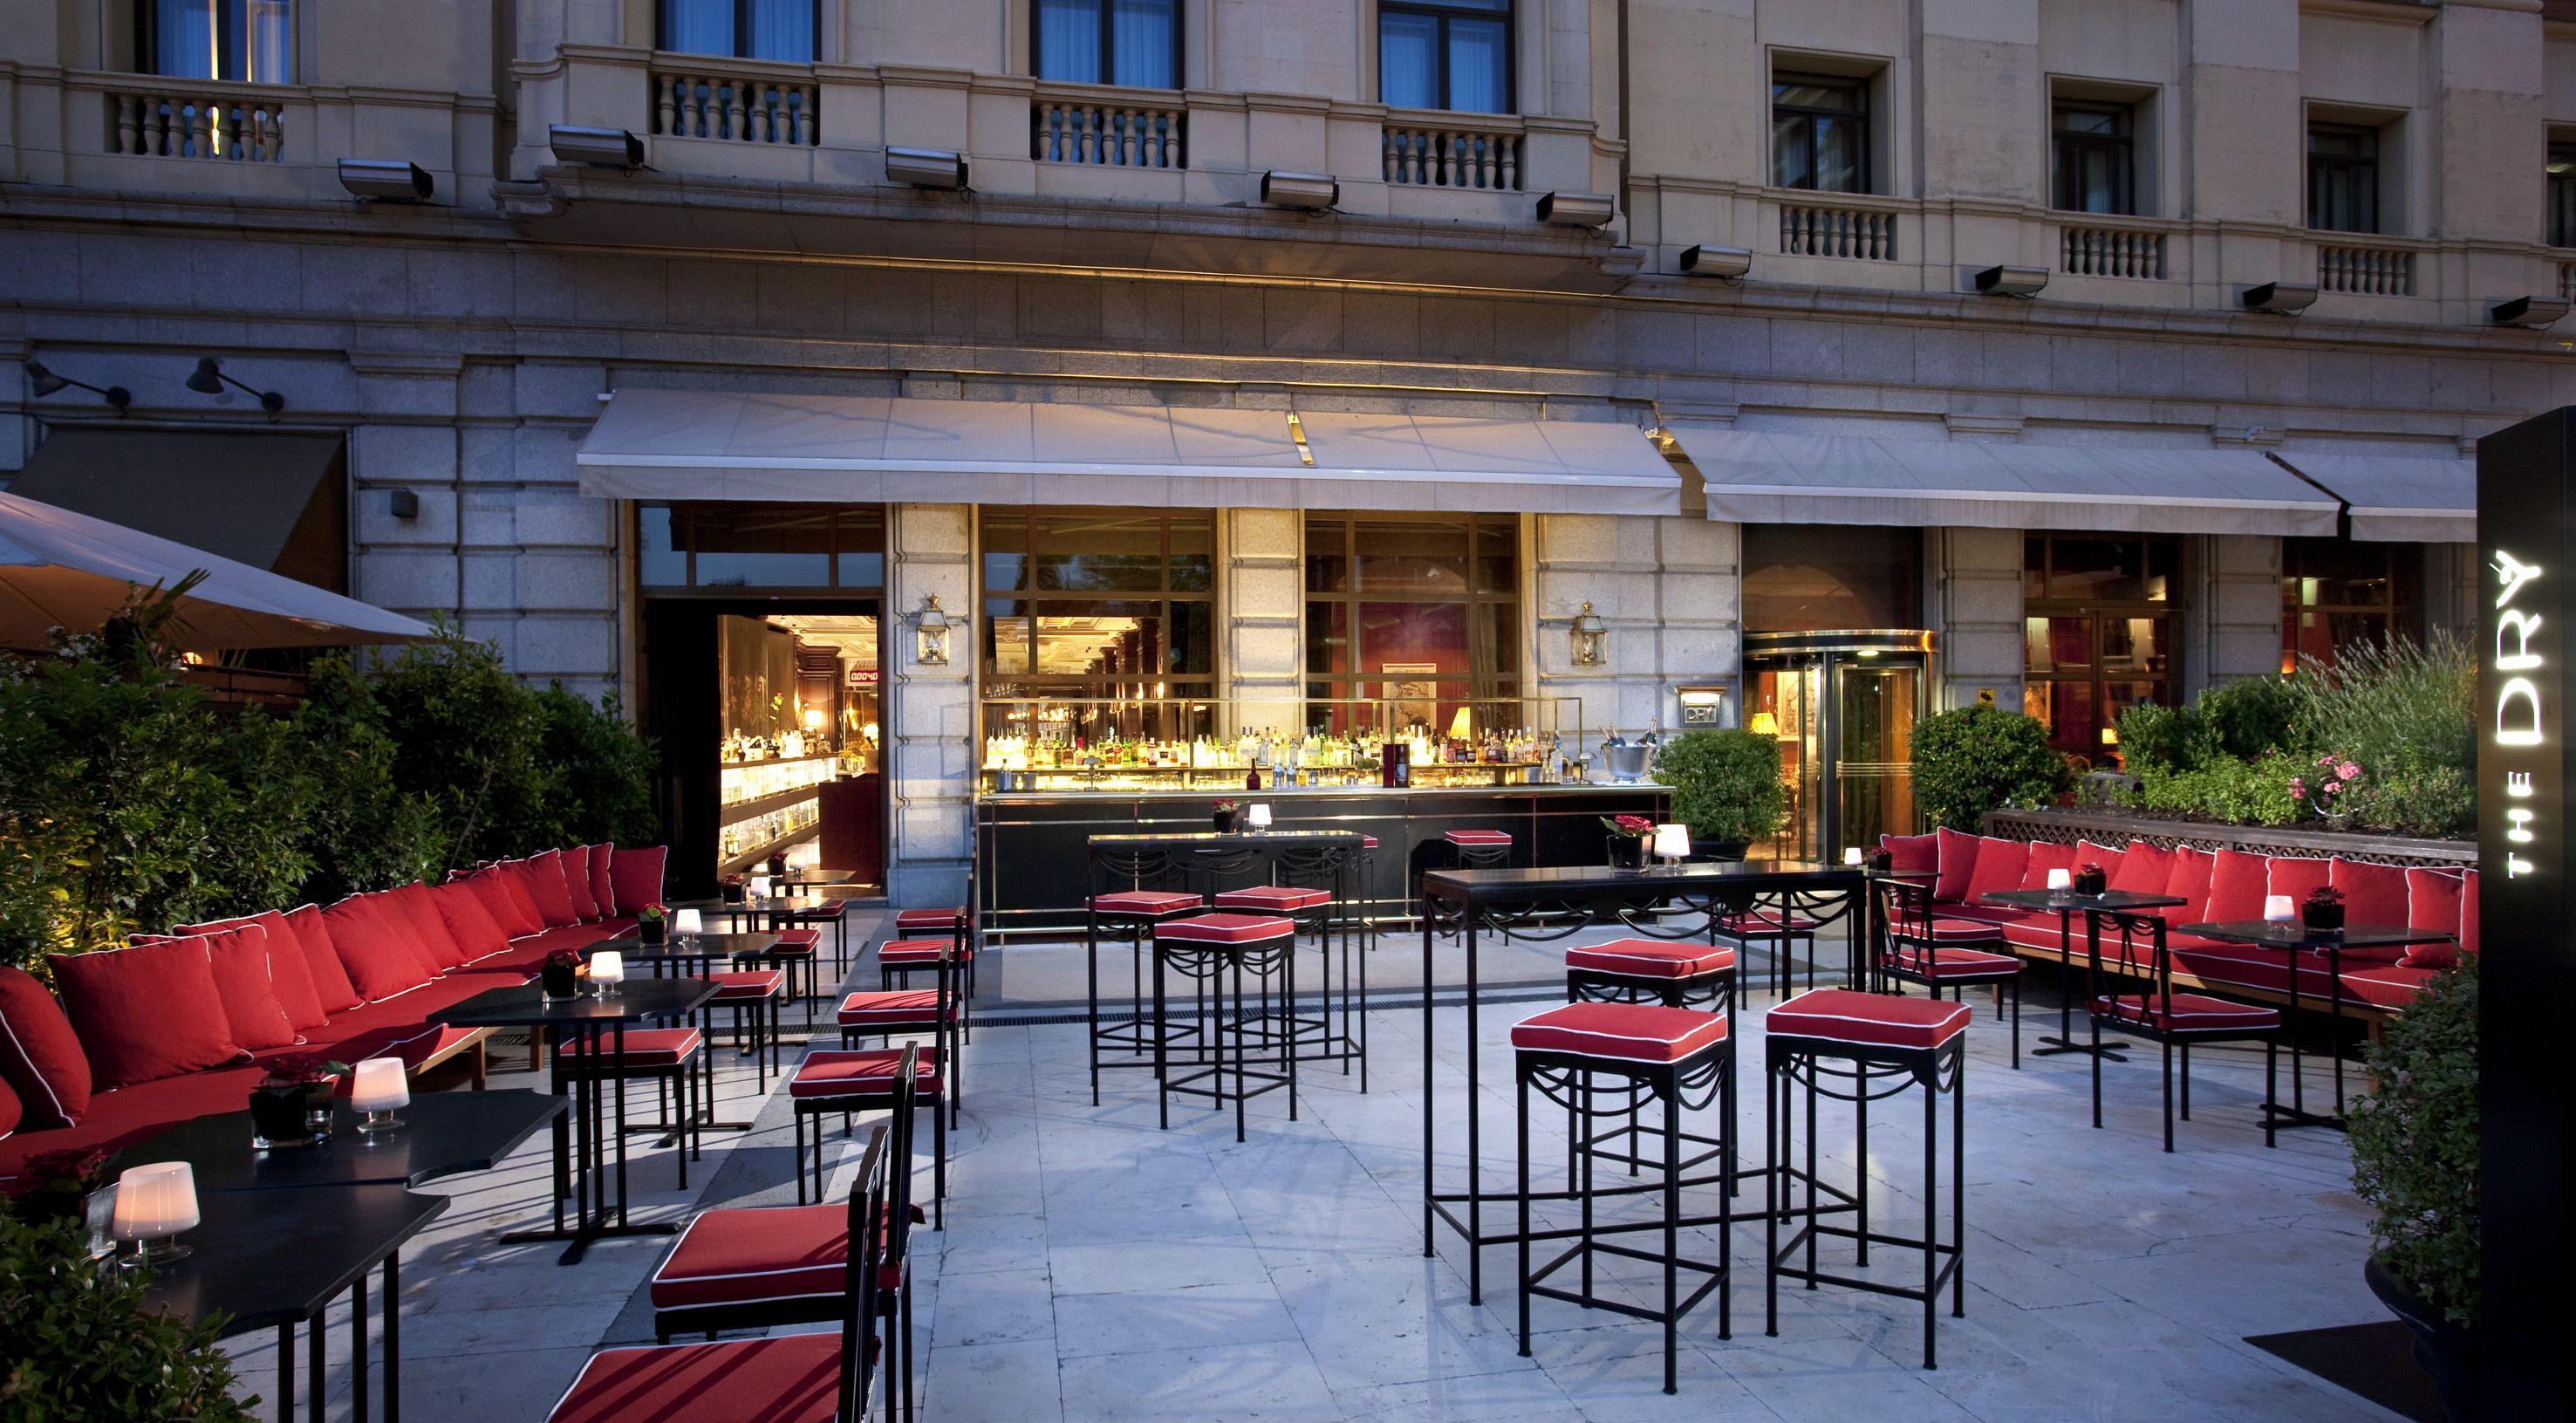 Dry Cosmopolitan Bar By Javier De Las Muelas Hotel Patio Bar Outdoor Decor